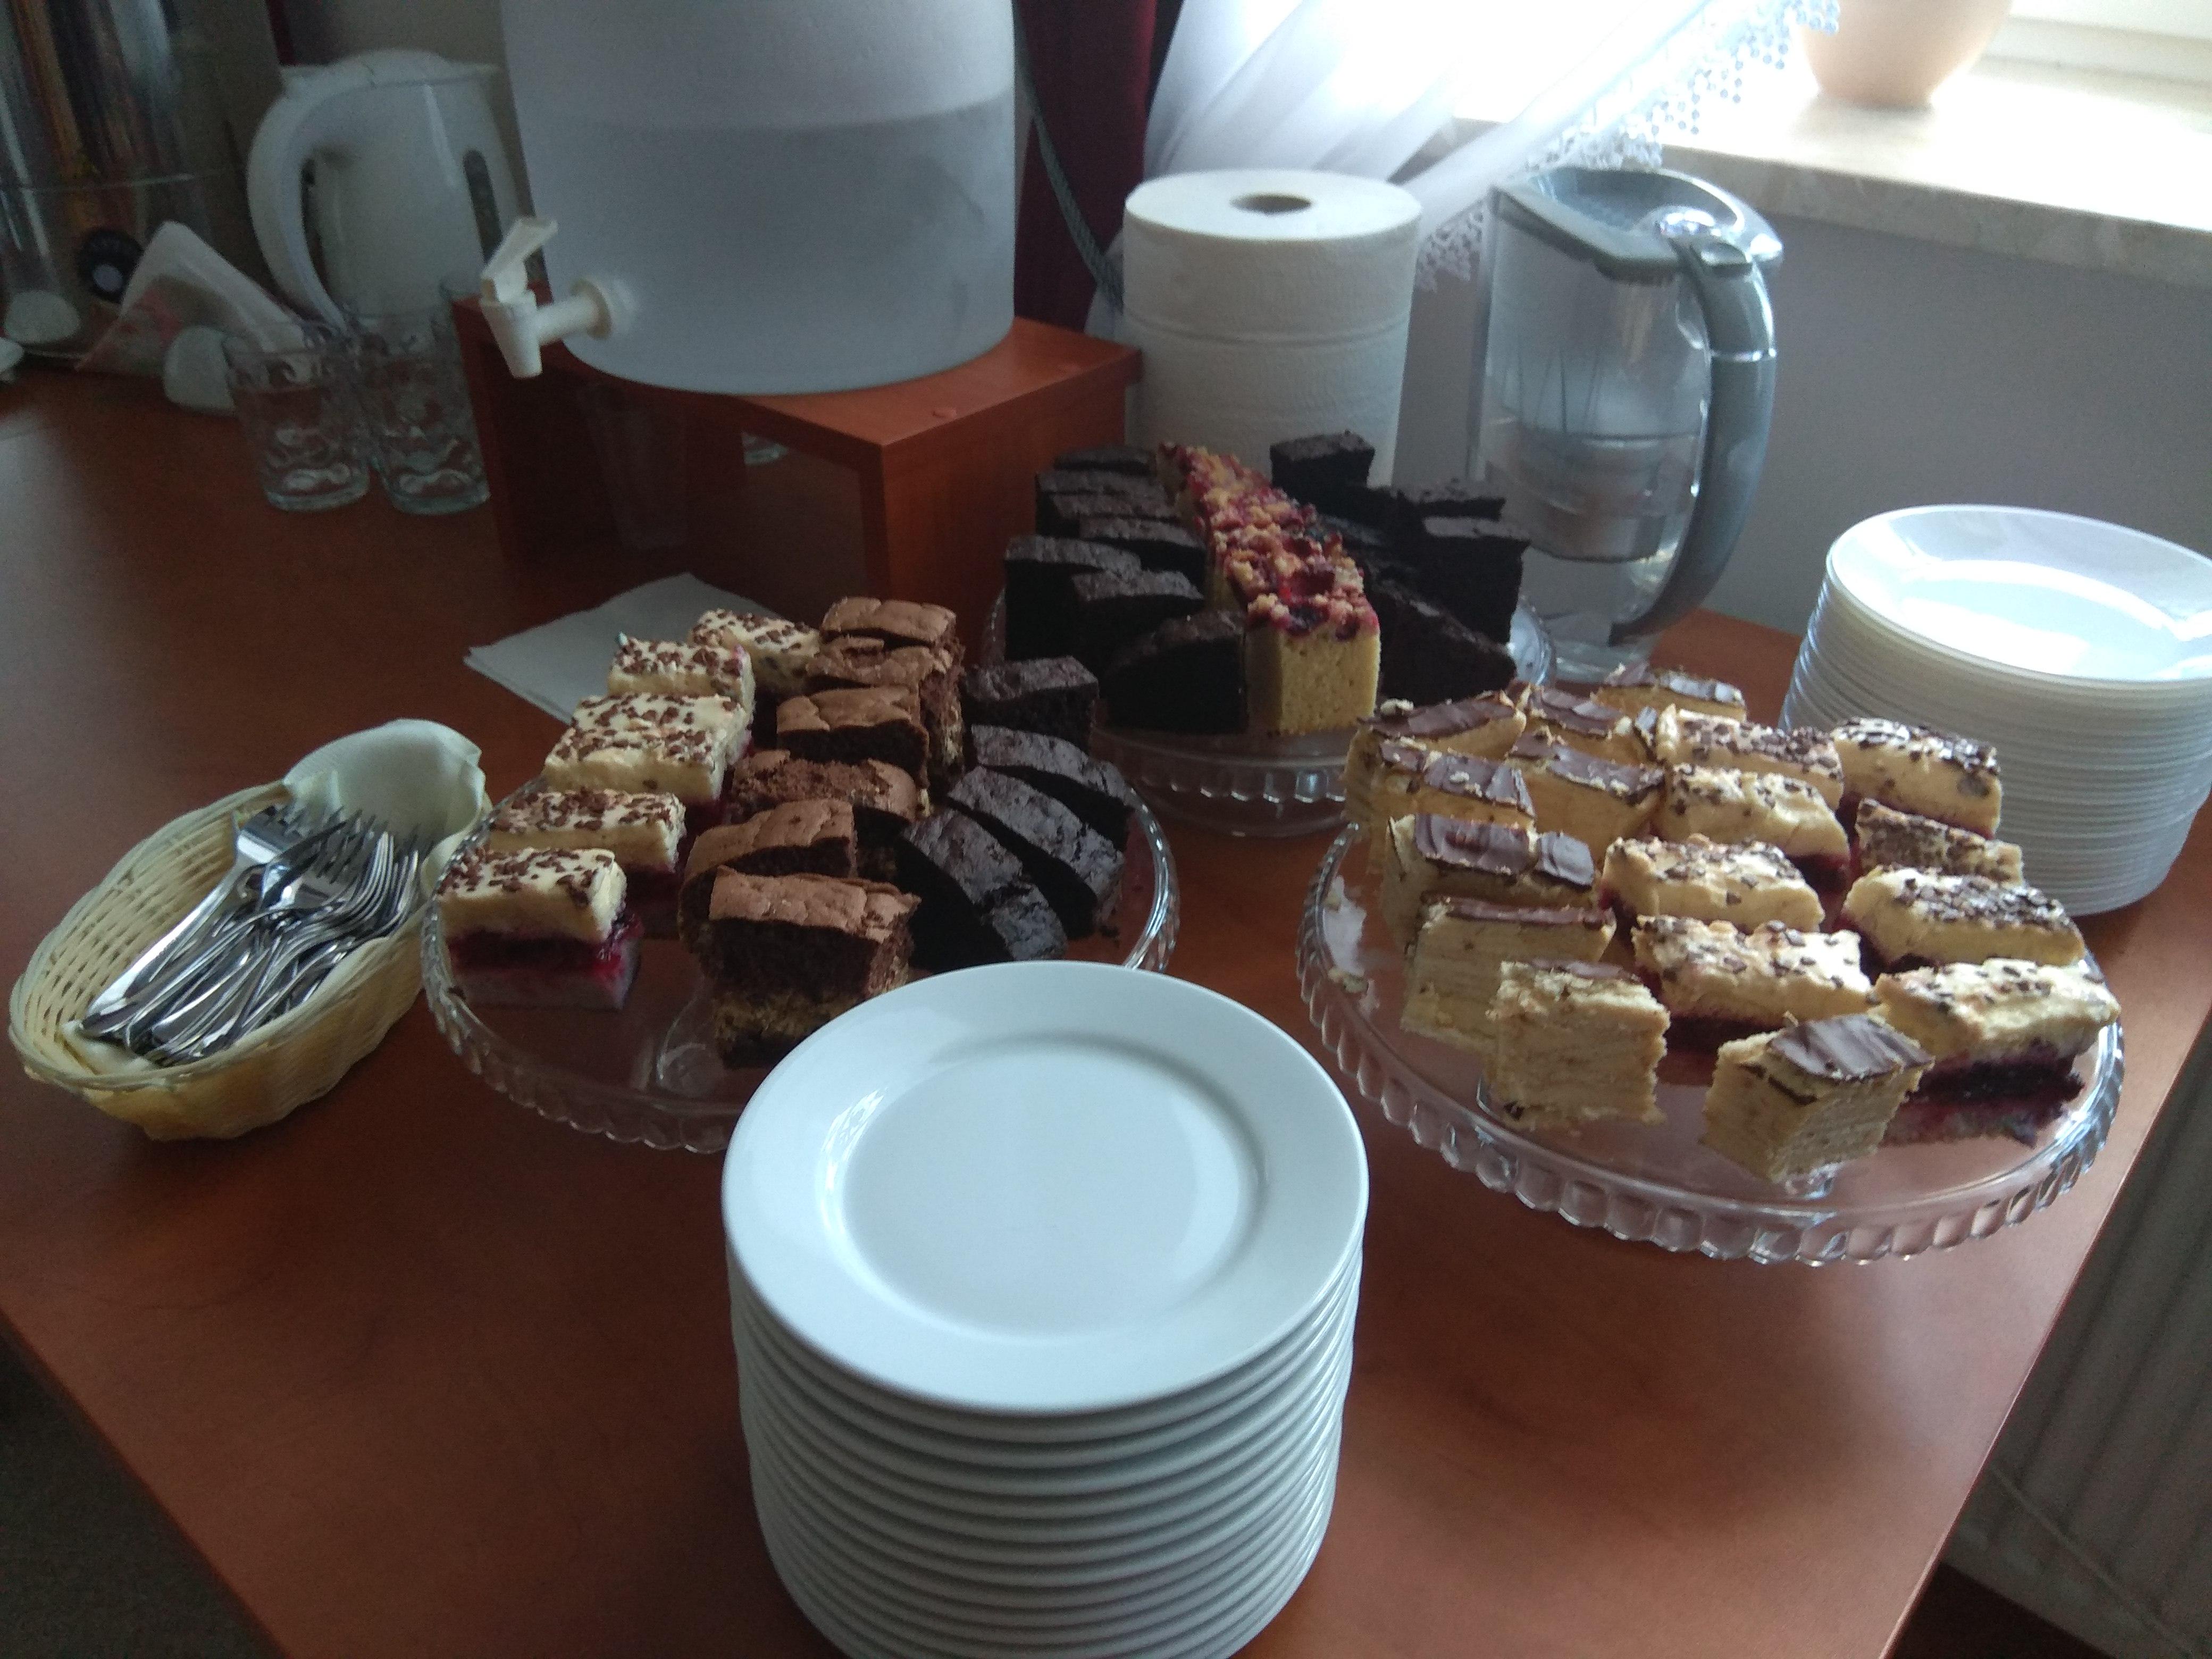 Stół smakołyków. Po szkoleniu dobrze przekąsić coś smacznego. Na zjazdowiczów czeka stół z białą zastawą i dwoma talerzami różnych ciast.